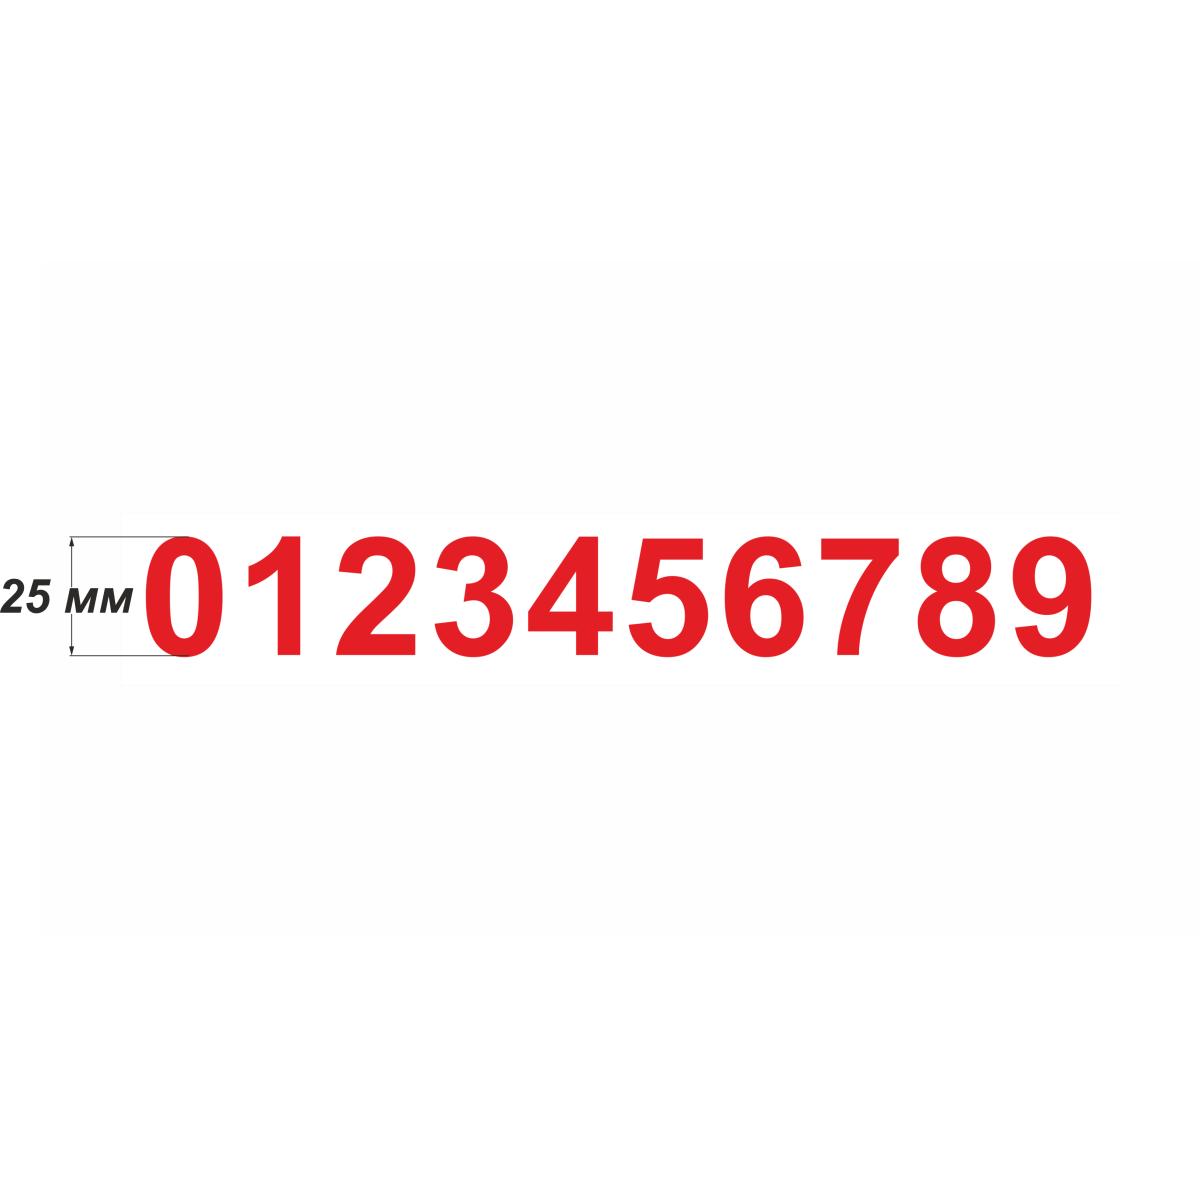 Цифры для пожарного гидранта, 25 мм